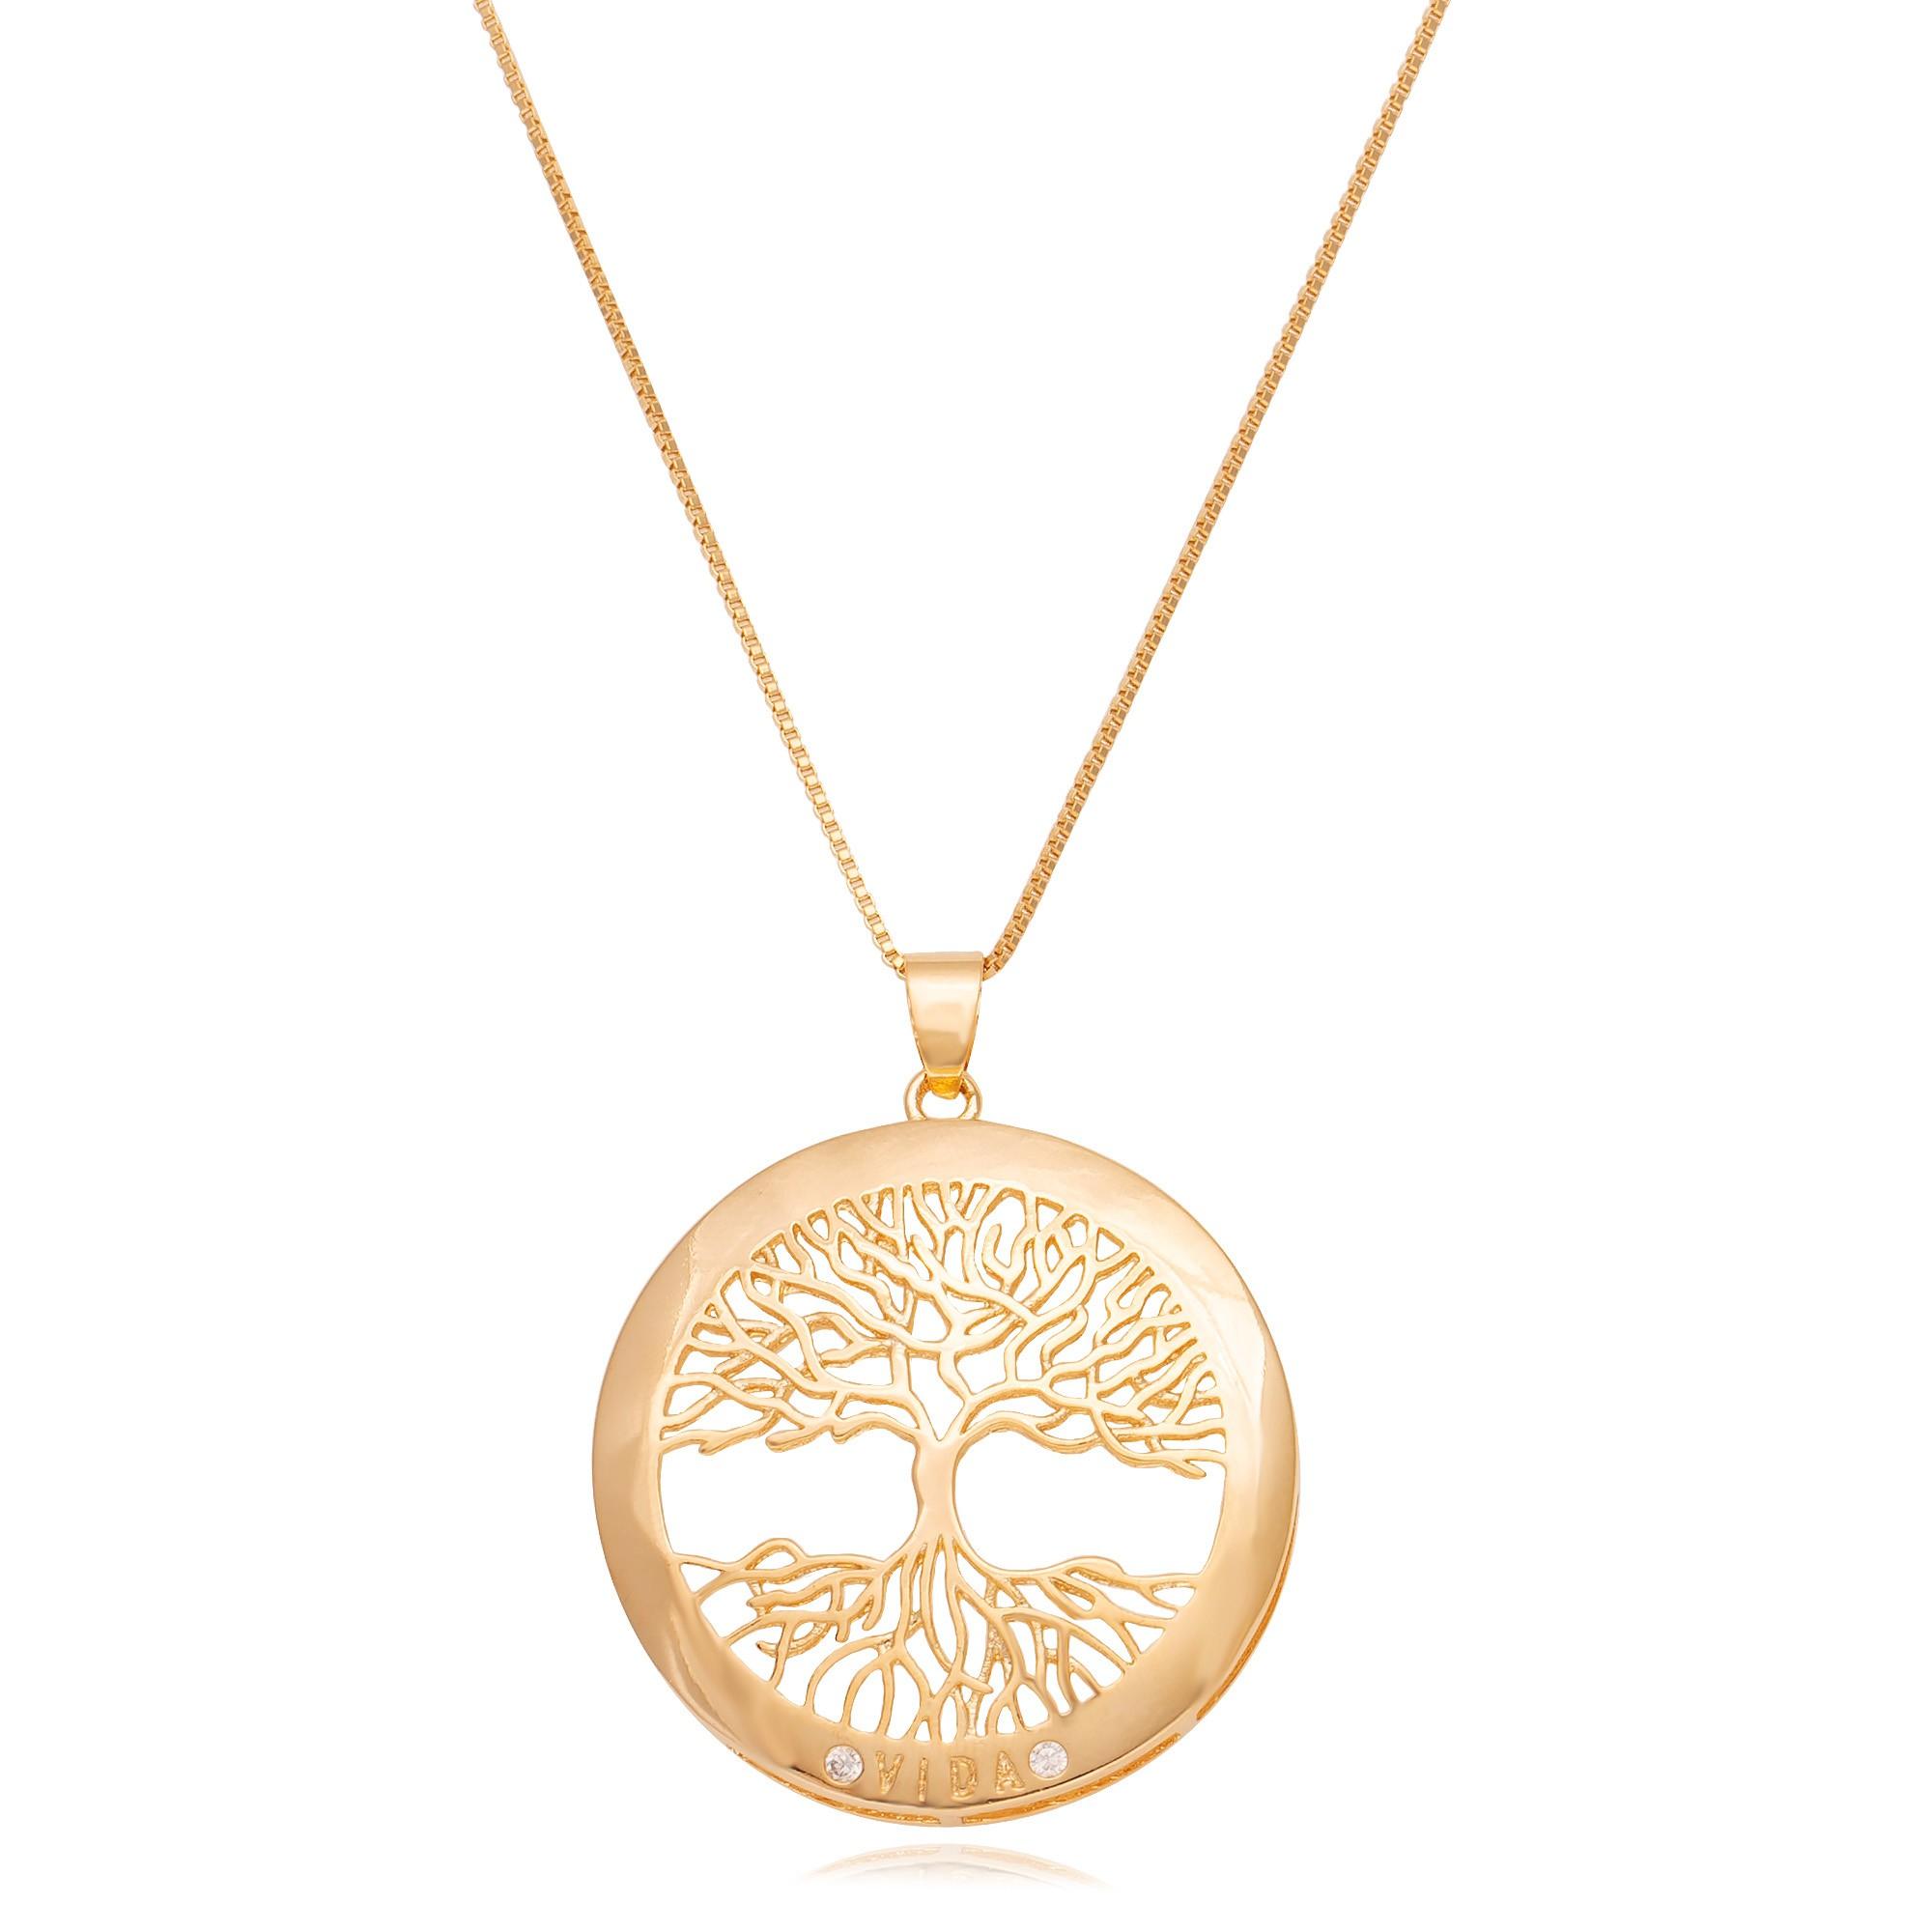 Colar mandala árvore da vida banhado a ouro 18k  - romabrazil.com.br